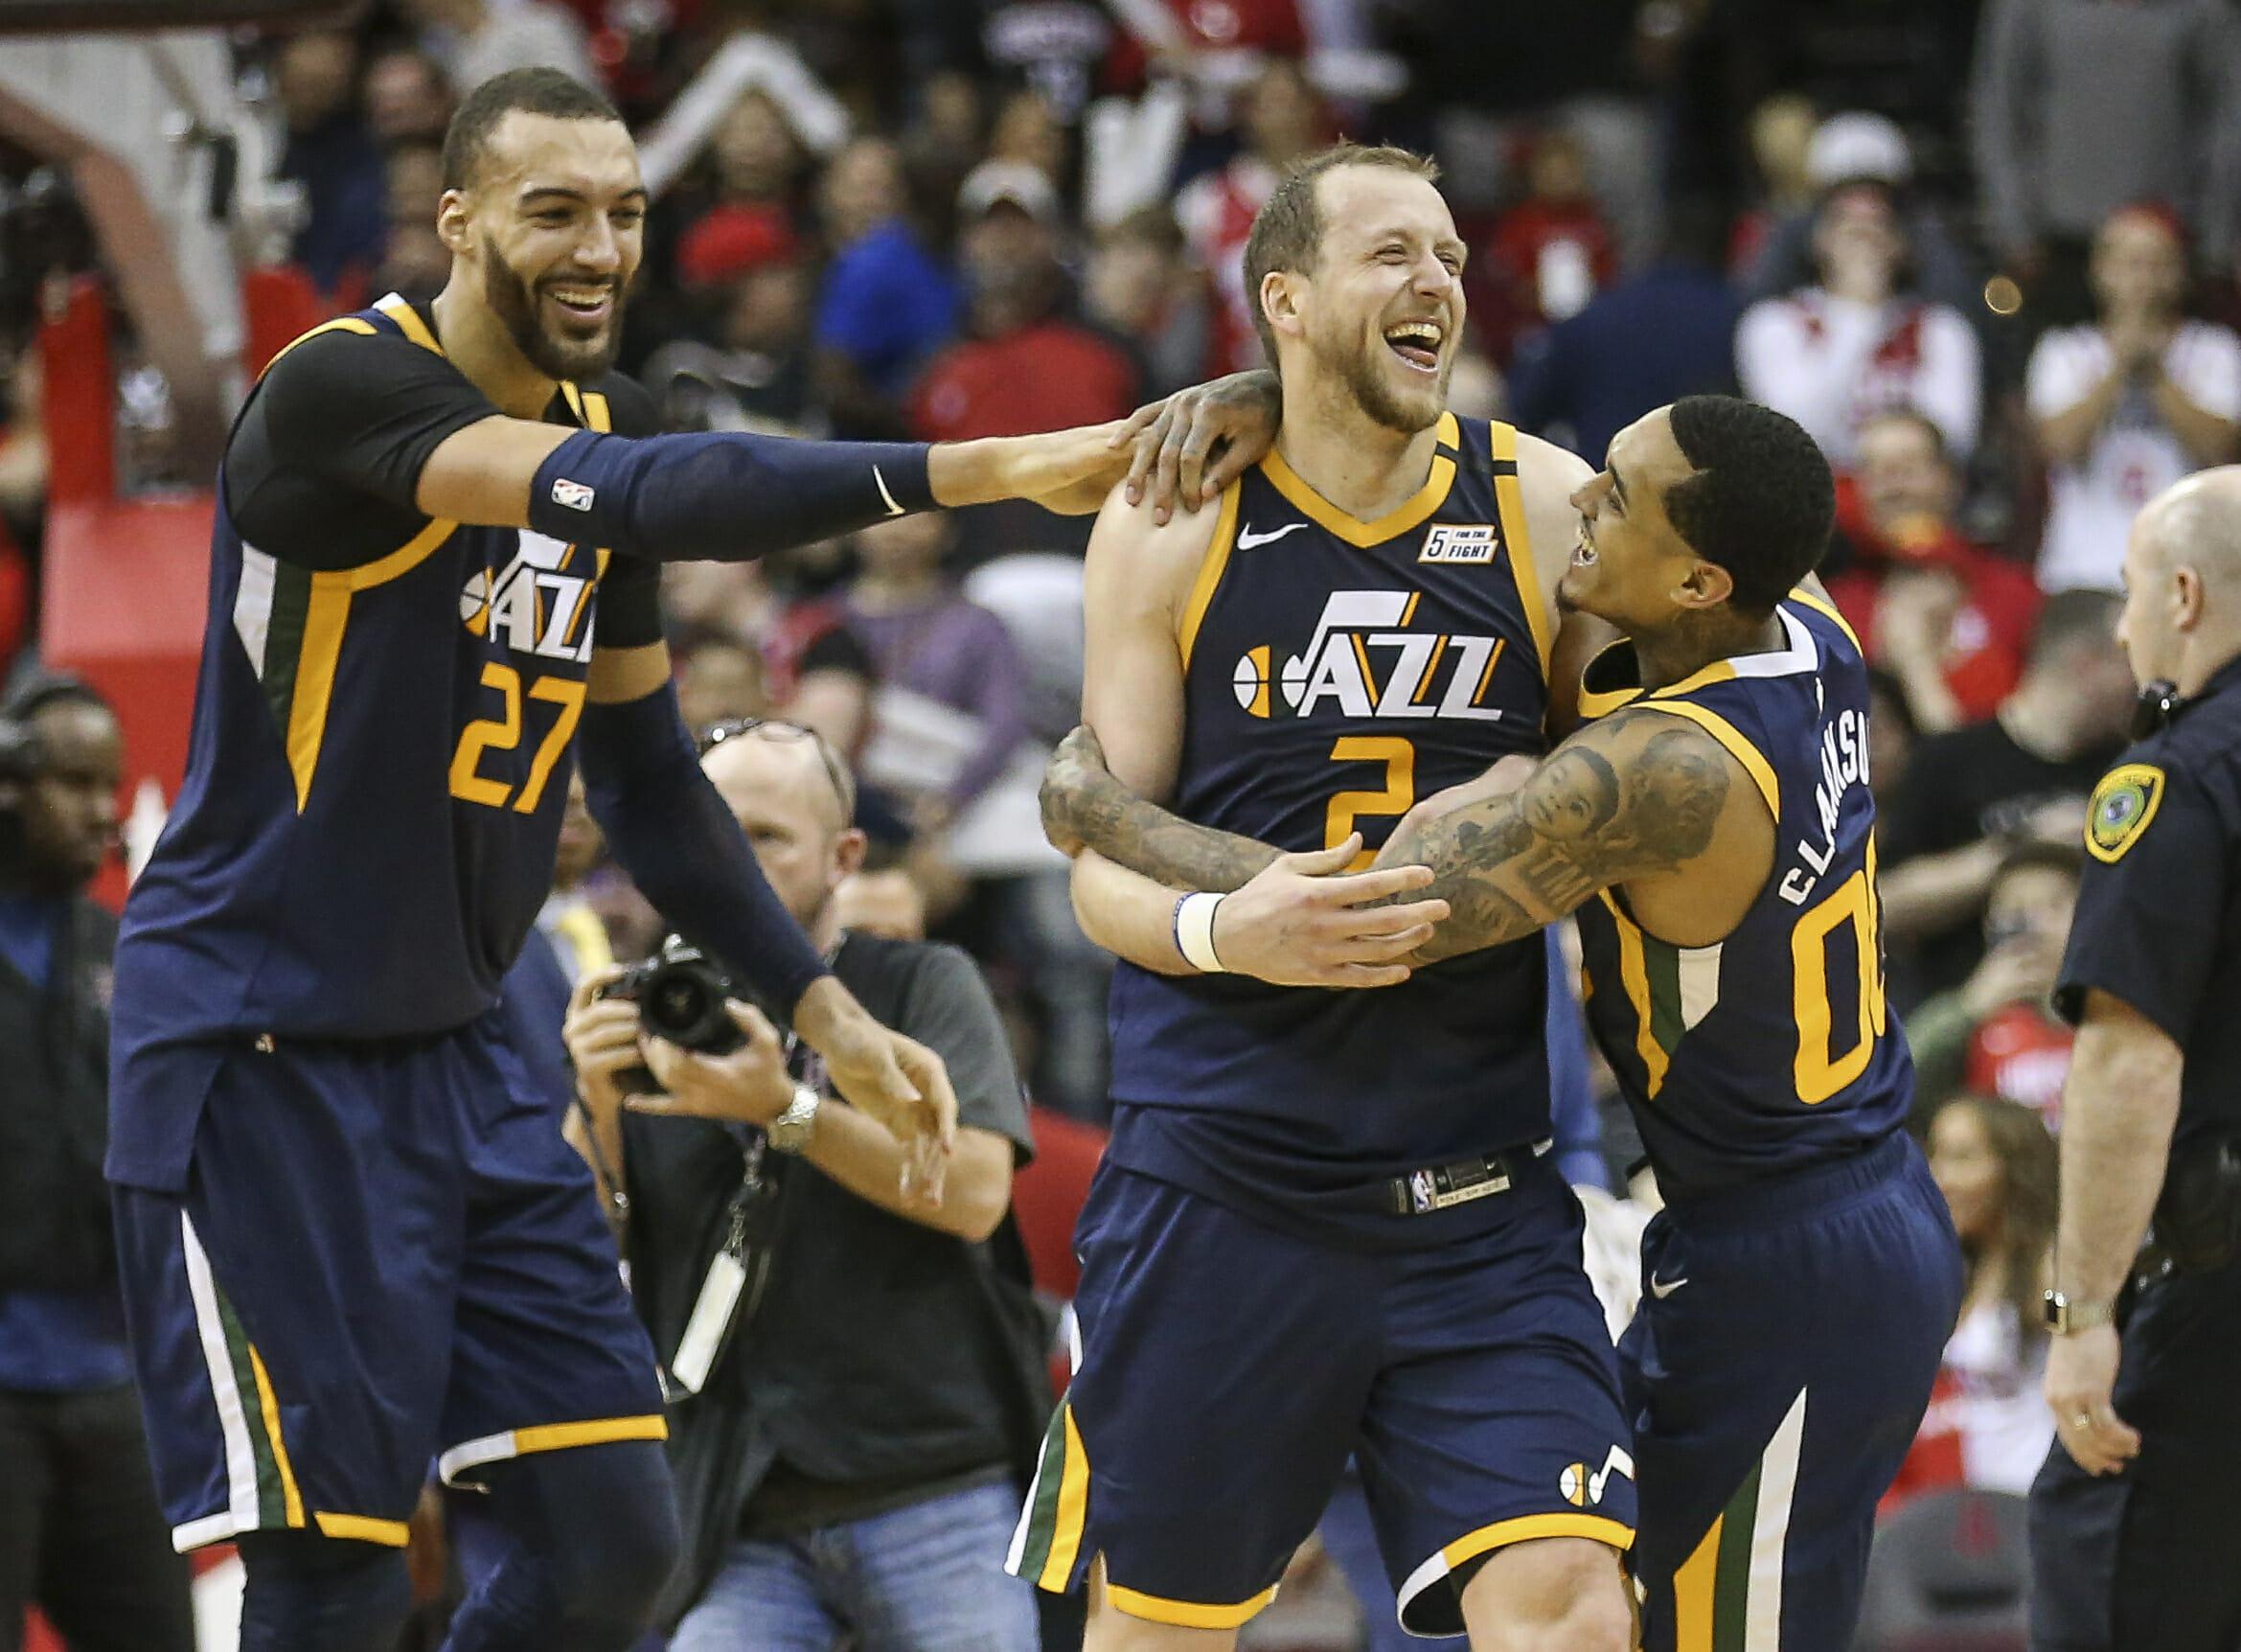 """Ο Μπογκντάνοβιτς """"σώπασε"""" το Χιούστον του Χάρντεν με το τρίποντο της χρονιάς! Τα αποτελέσματα στο NBA (video)"""